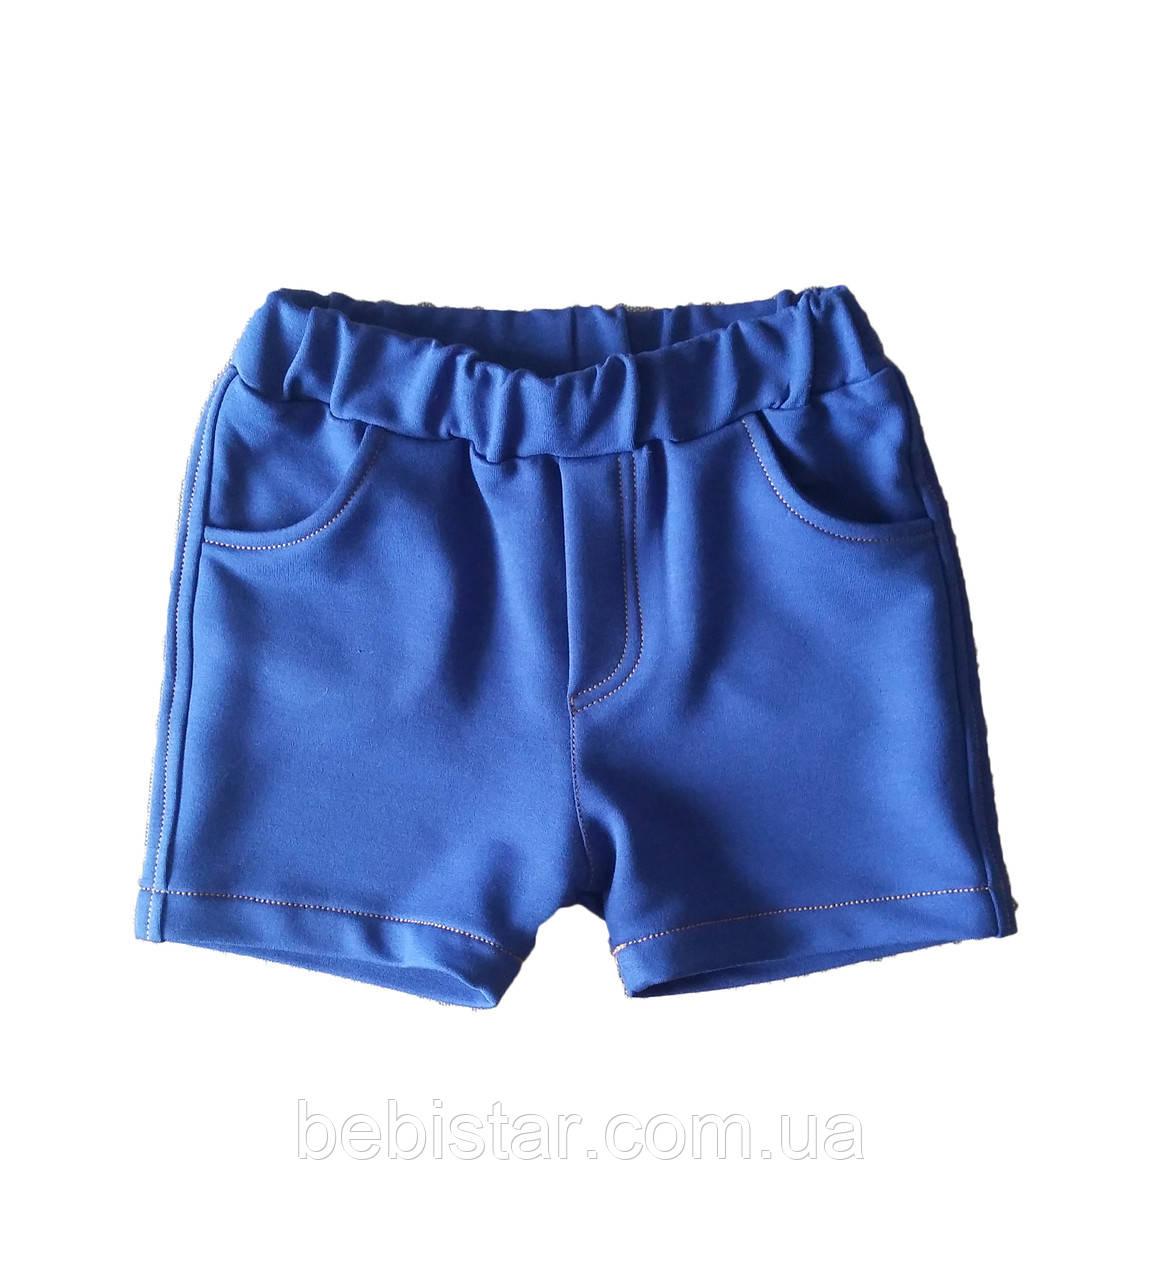 Шорты модные для мальчика 1-3 года